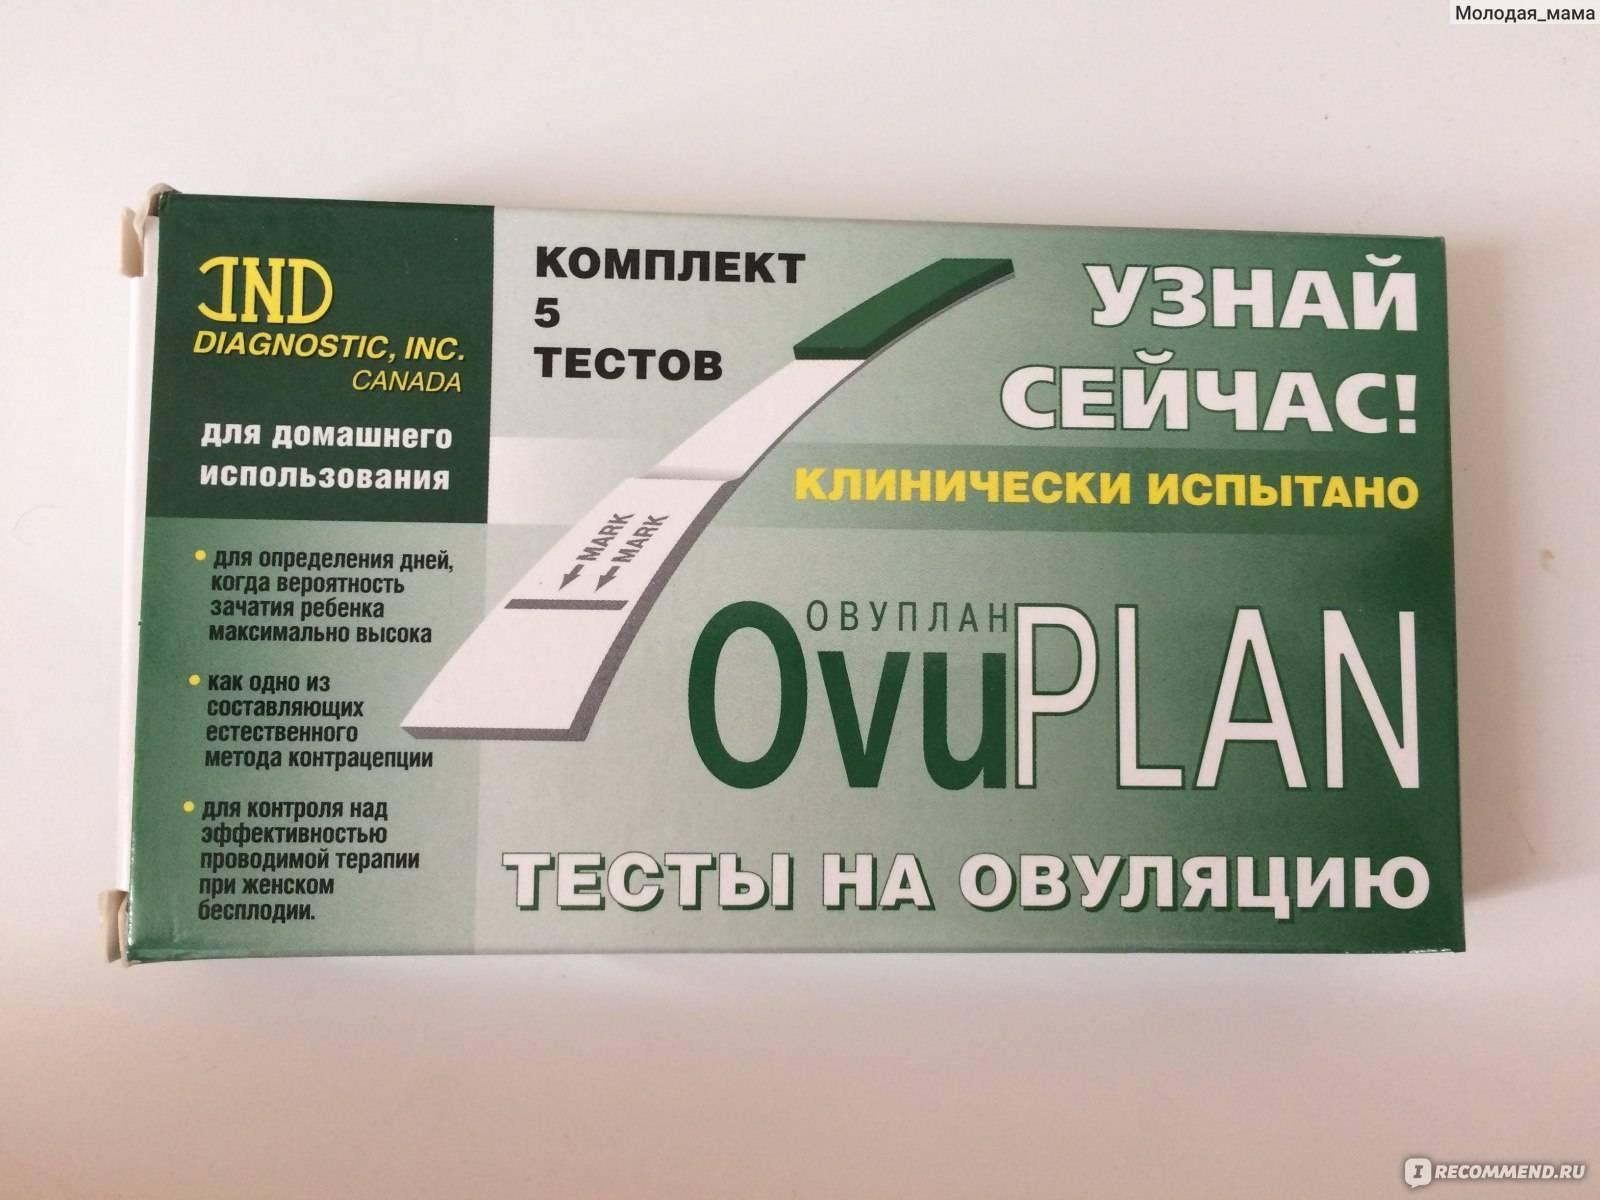 Тест на овуляцию ovuplan - инструкция, отзывы, советы